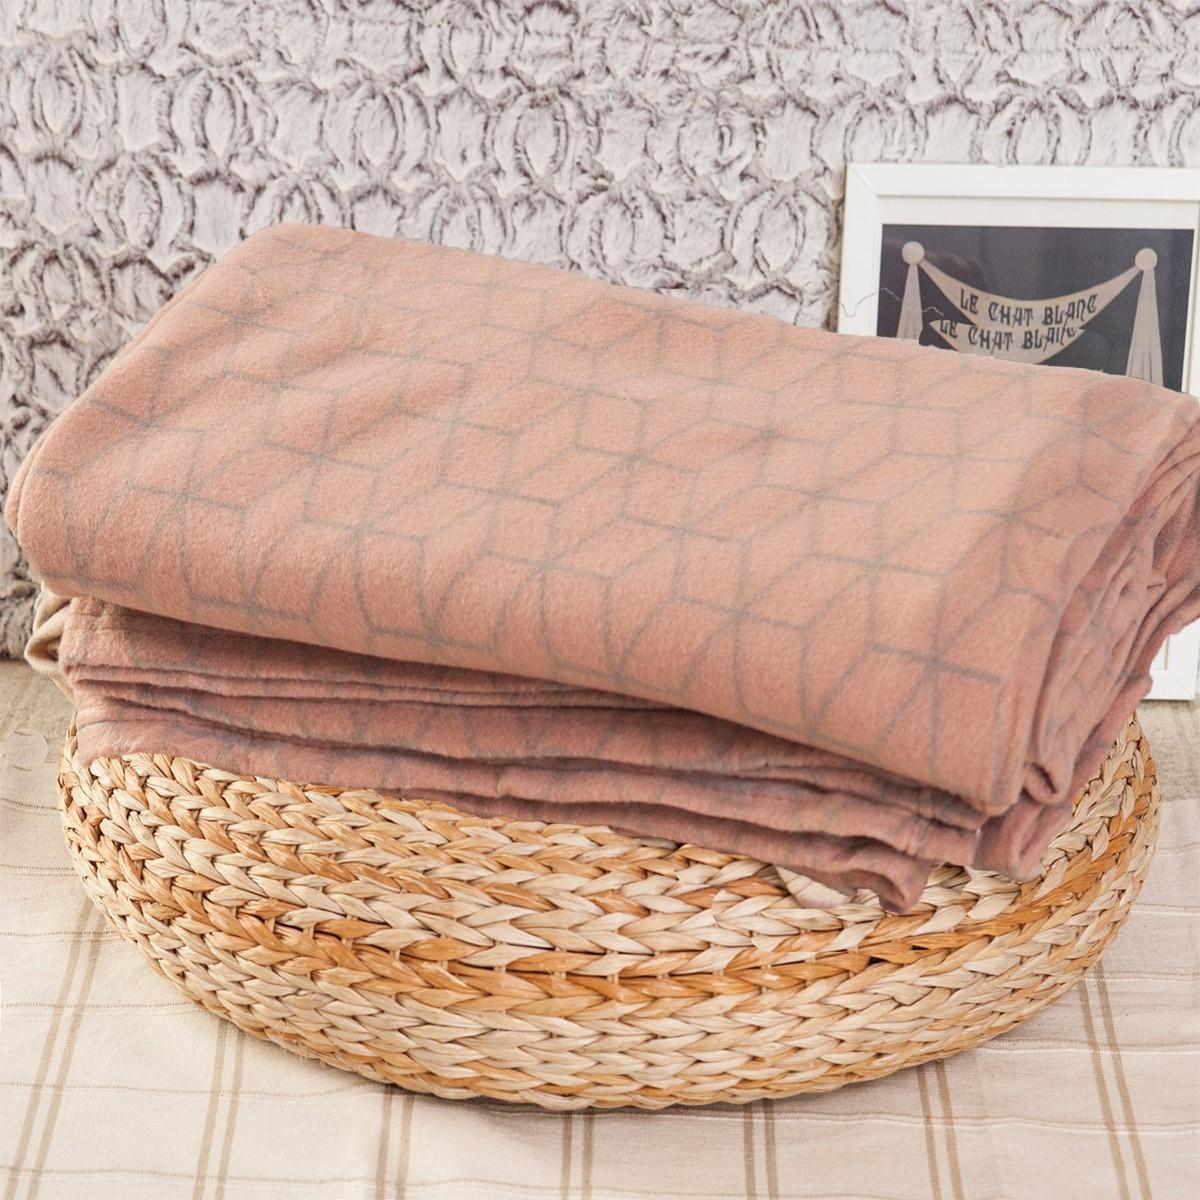 Κουβέρτα Fleece Υπέρδιπλη Melinen Minimal home   κρεβατοκάμαρα   κουβέρτες   κουβέρτες fleece υπέρδιπλες